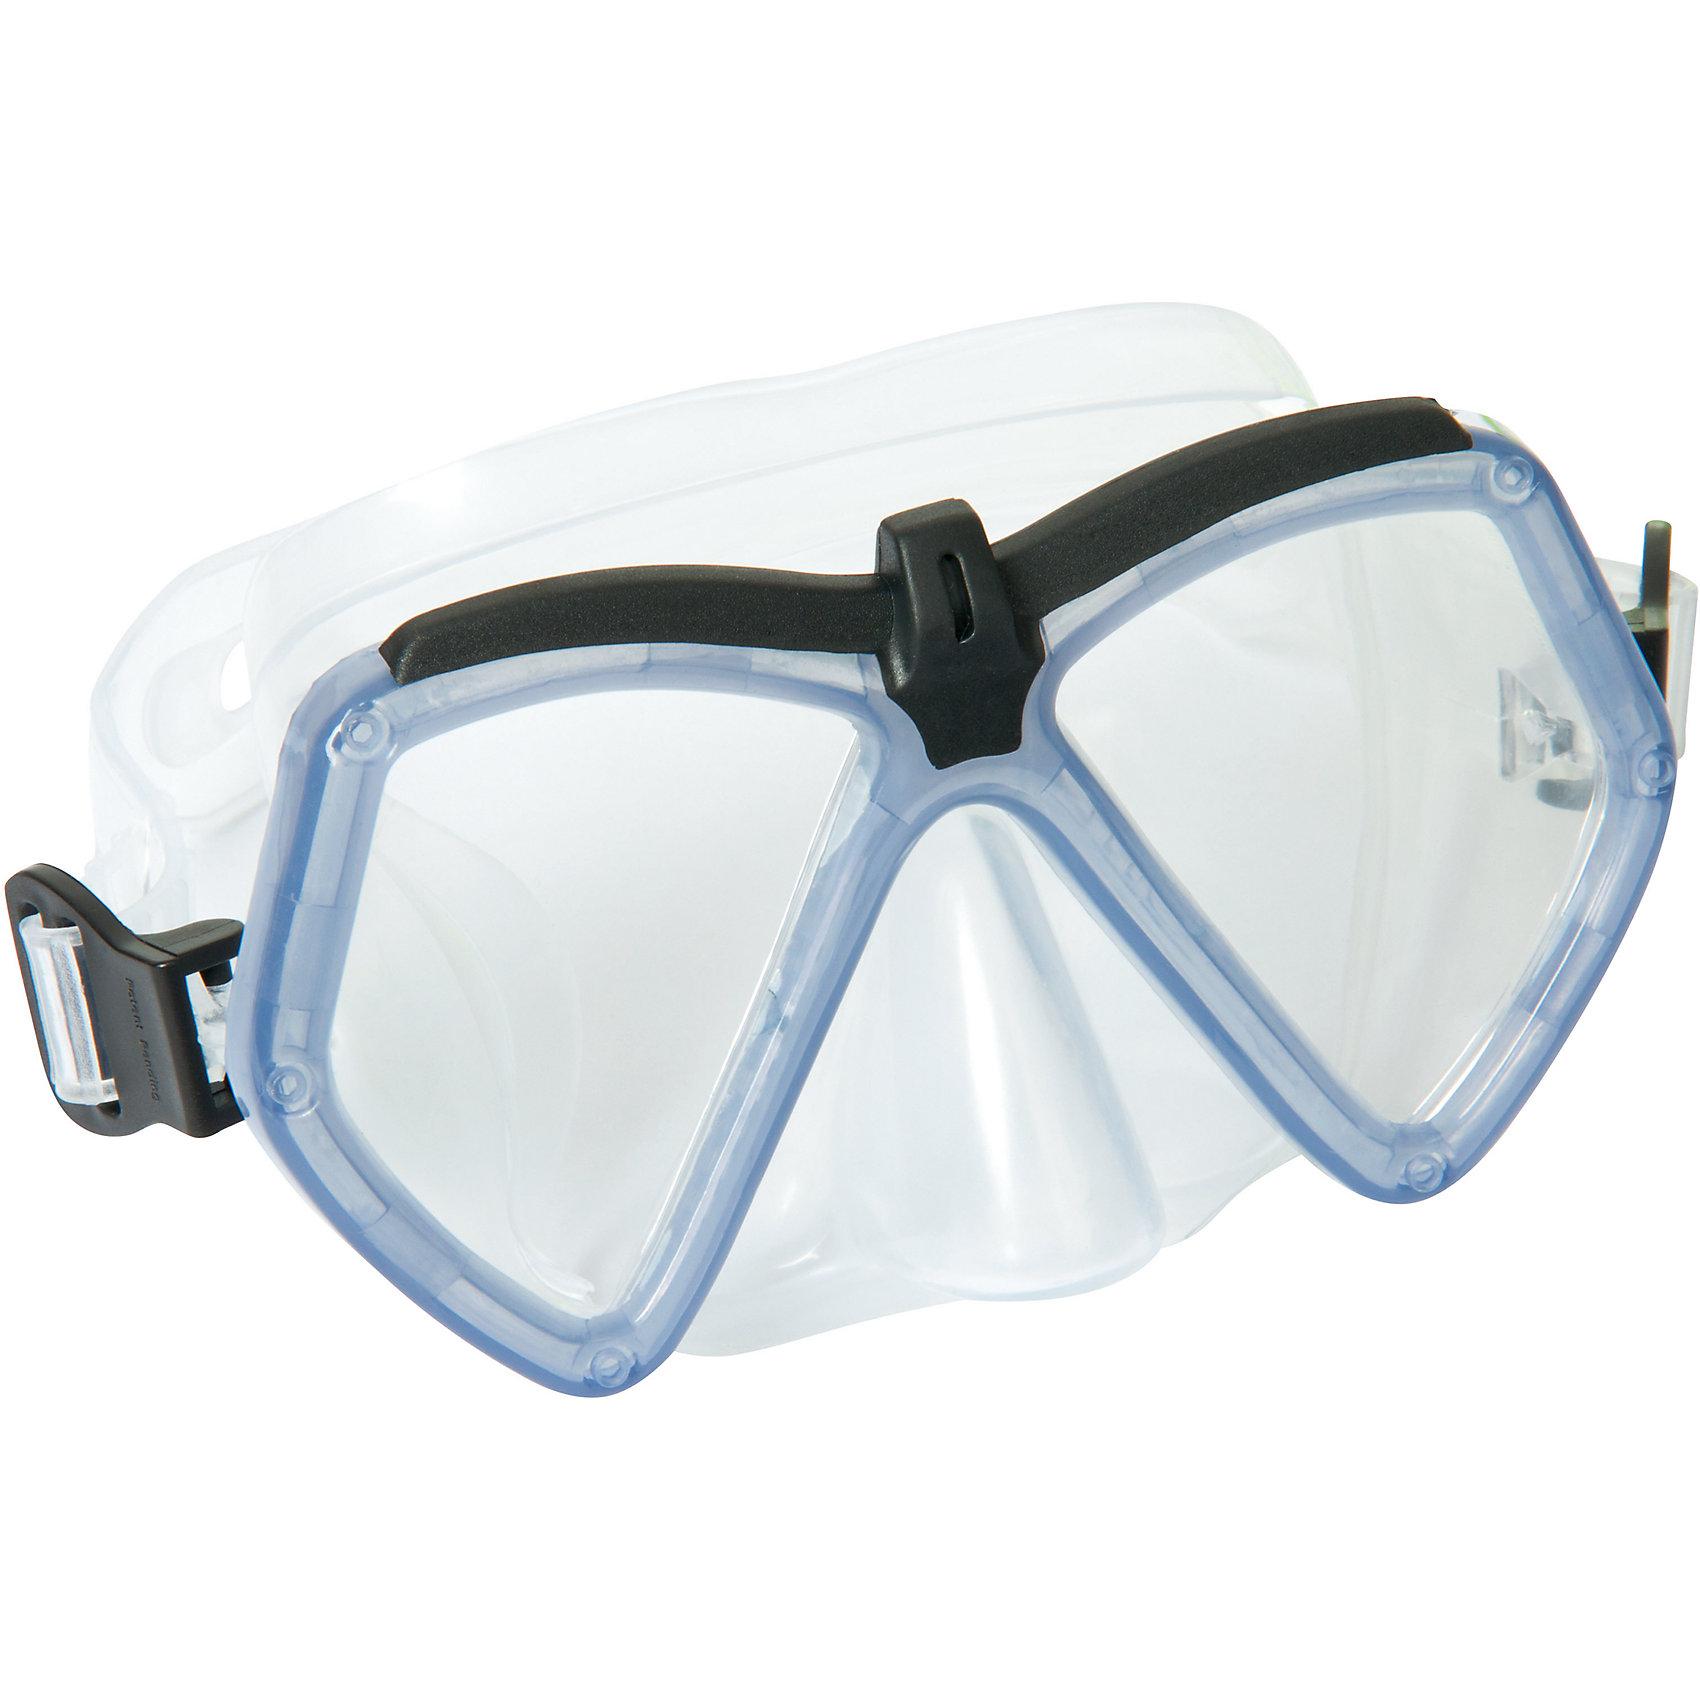 Bestway Детская маска для подводного плавания Море, Bestway, серый аквапалку для плавания в барнауле